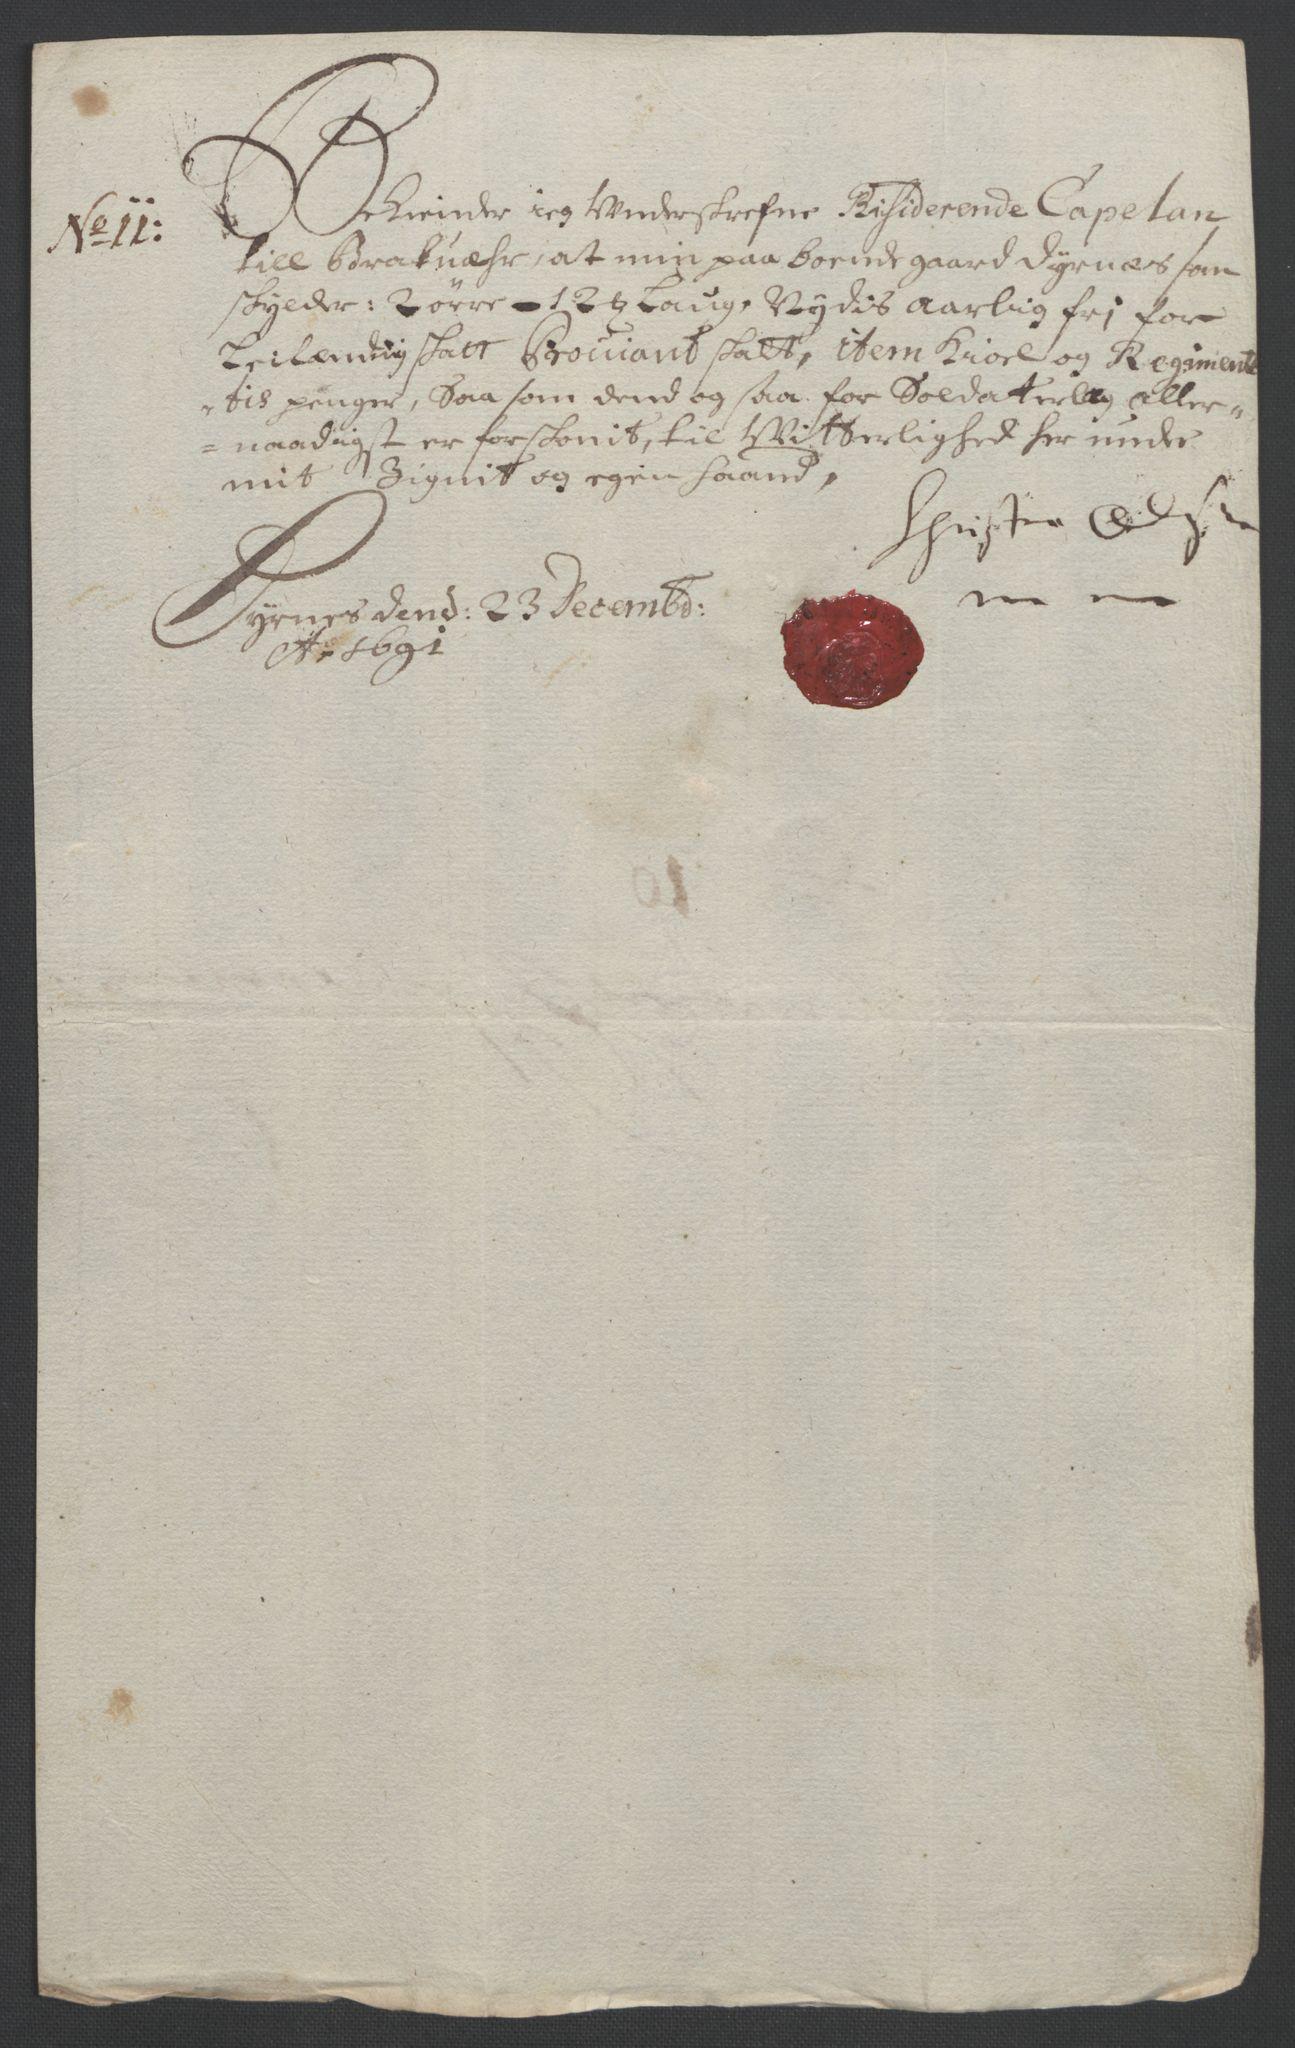 RA, Rentekammeret inntil 1814, Reviderte regnskaper, Fogderegnskap, R56/L3734: Fogderegnskap Nordmøre, 1690-1691, s. 421